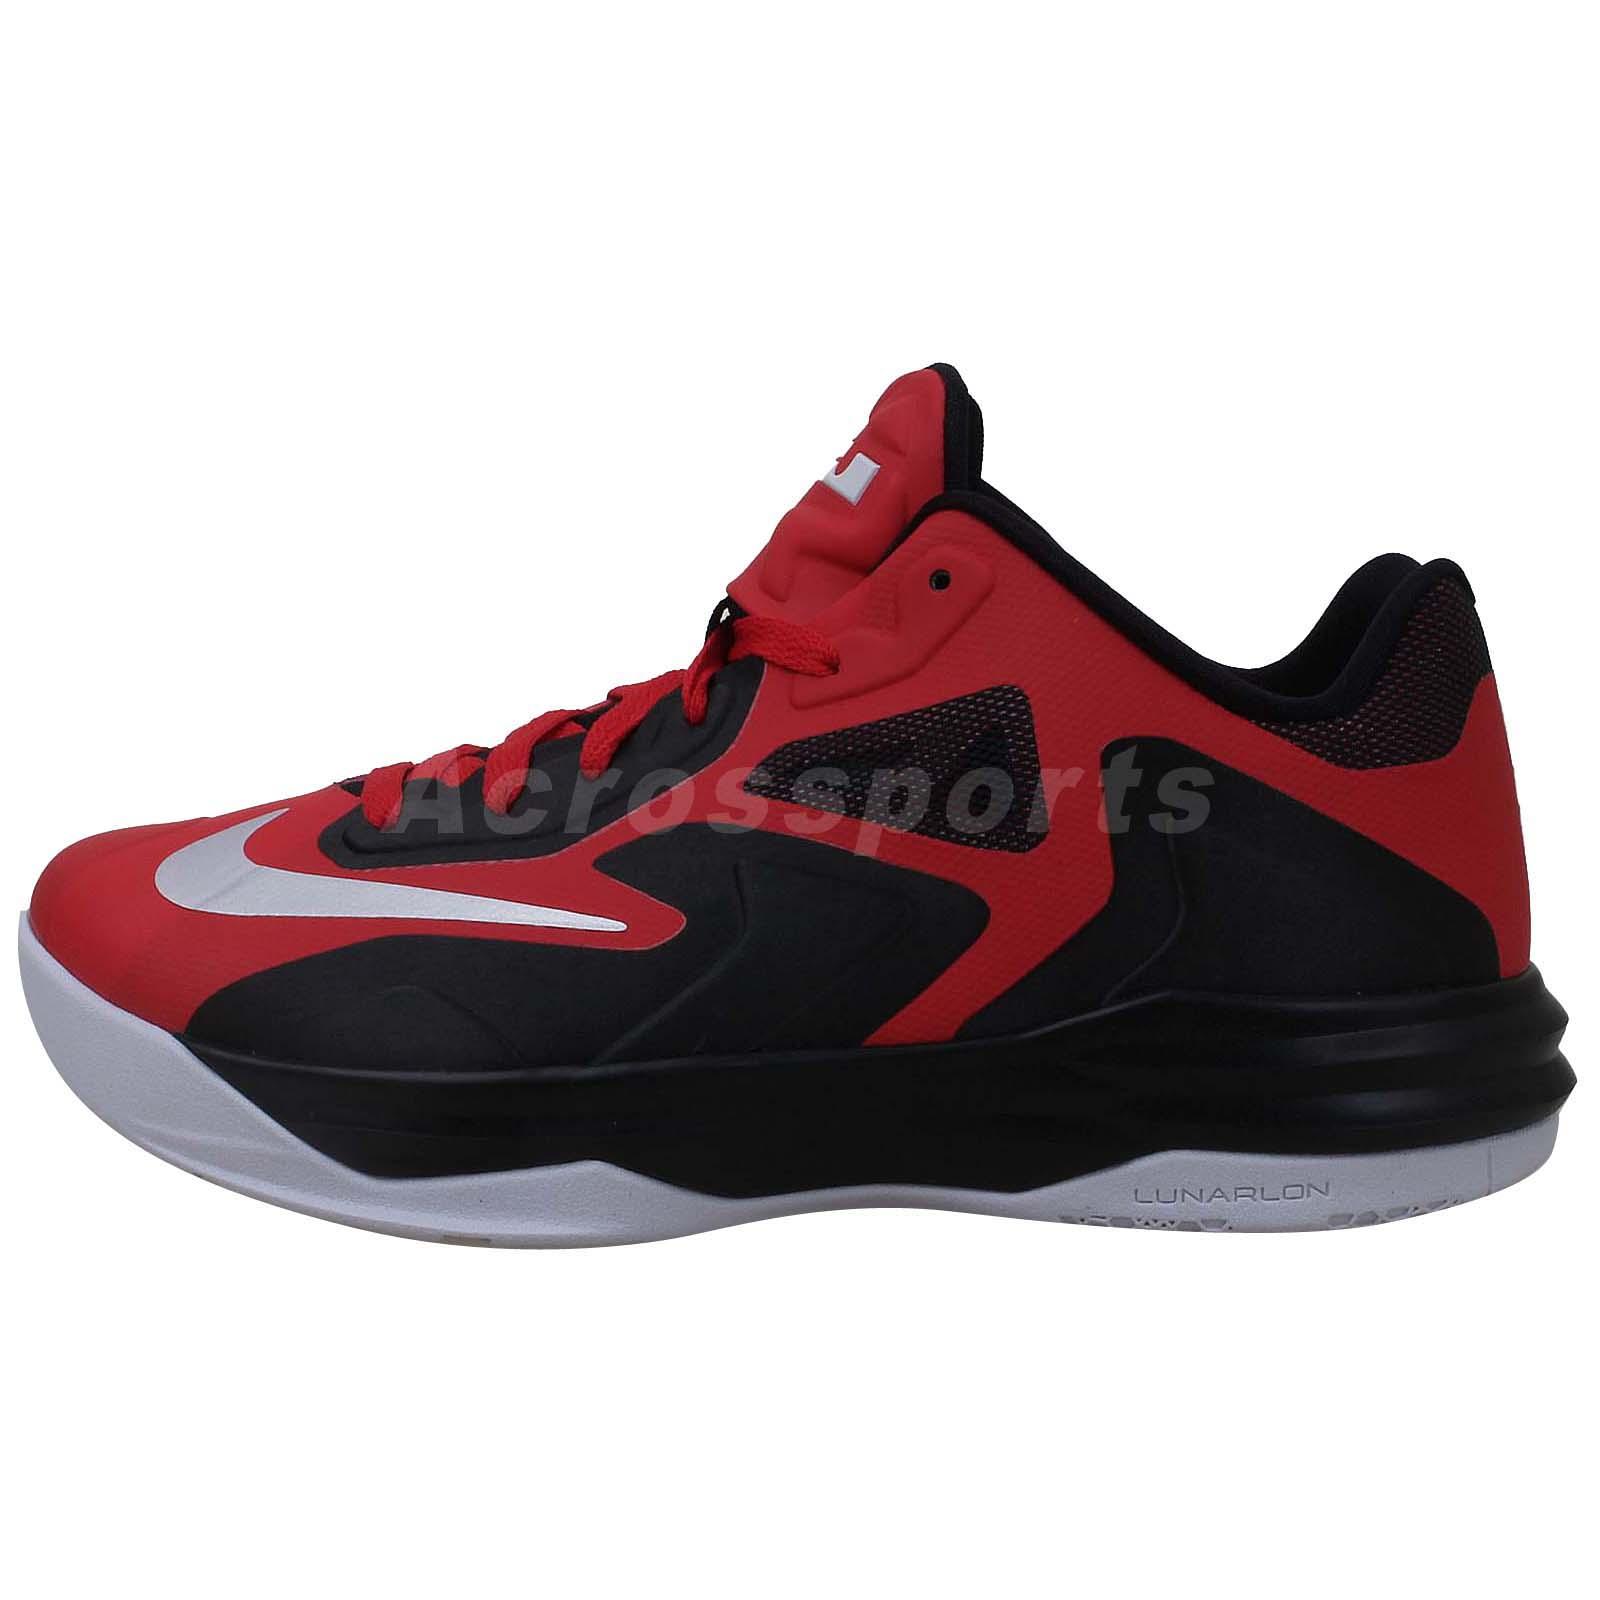 nike lebron st iii 3 red black 2014 new mens basketball